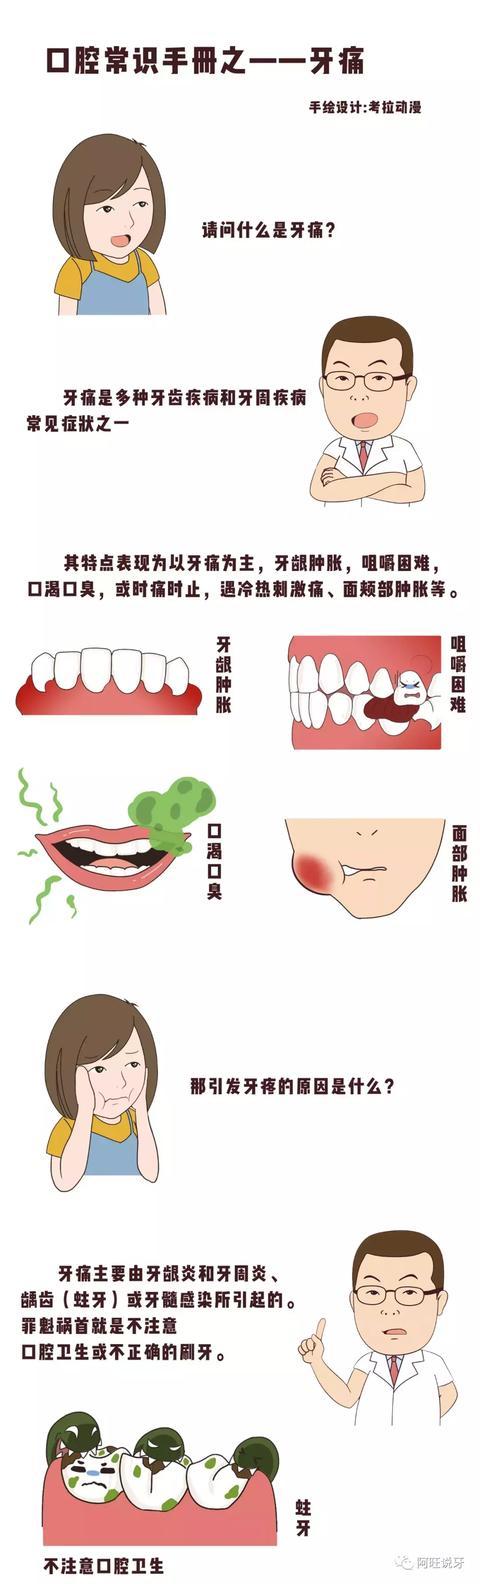 牙痛卡通图免抠素材免费下载_觅元素51yuansu.com